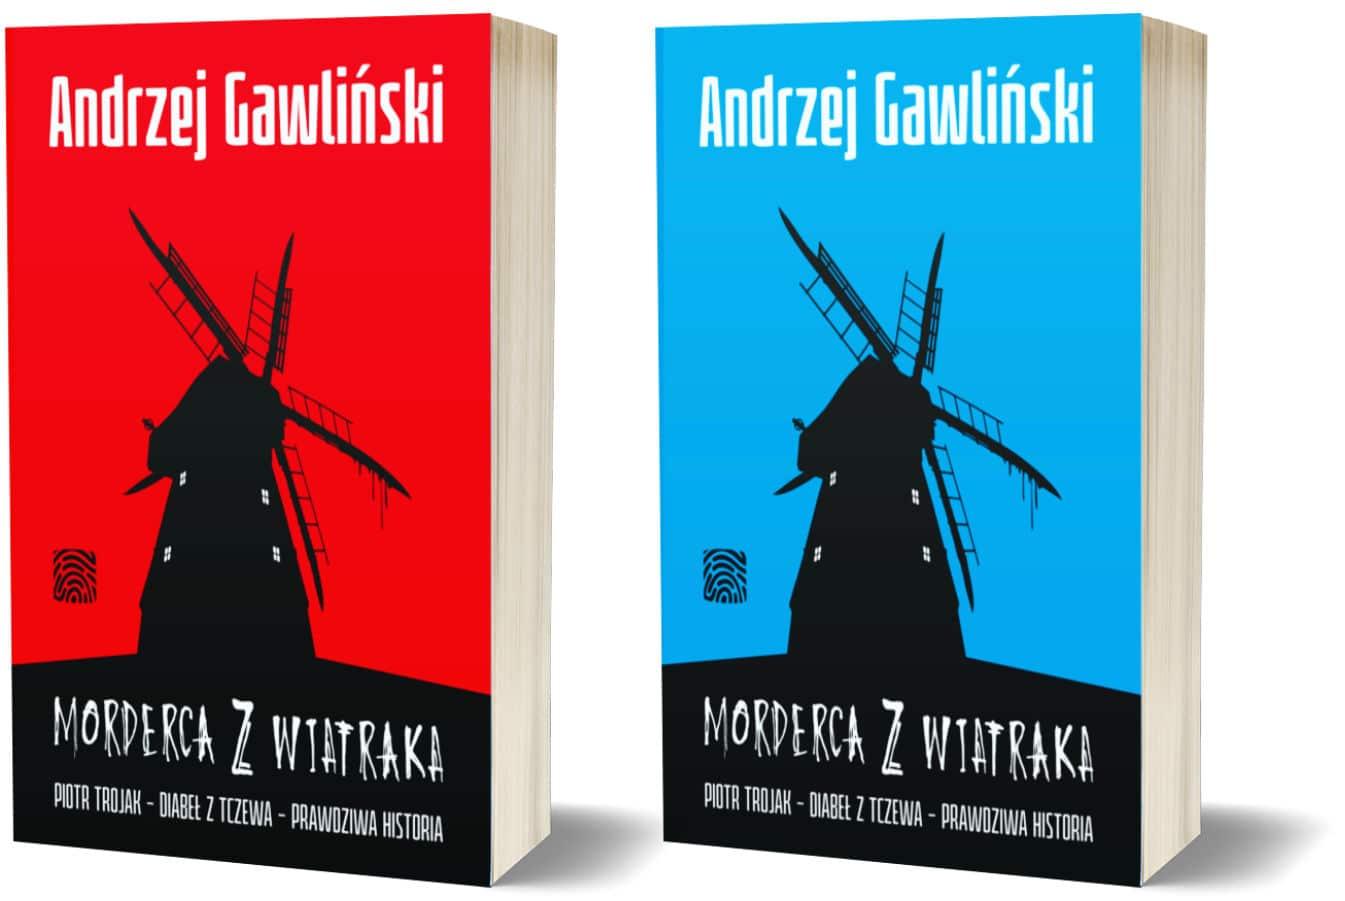 Morderca z wiatraka - książka